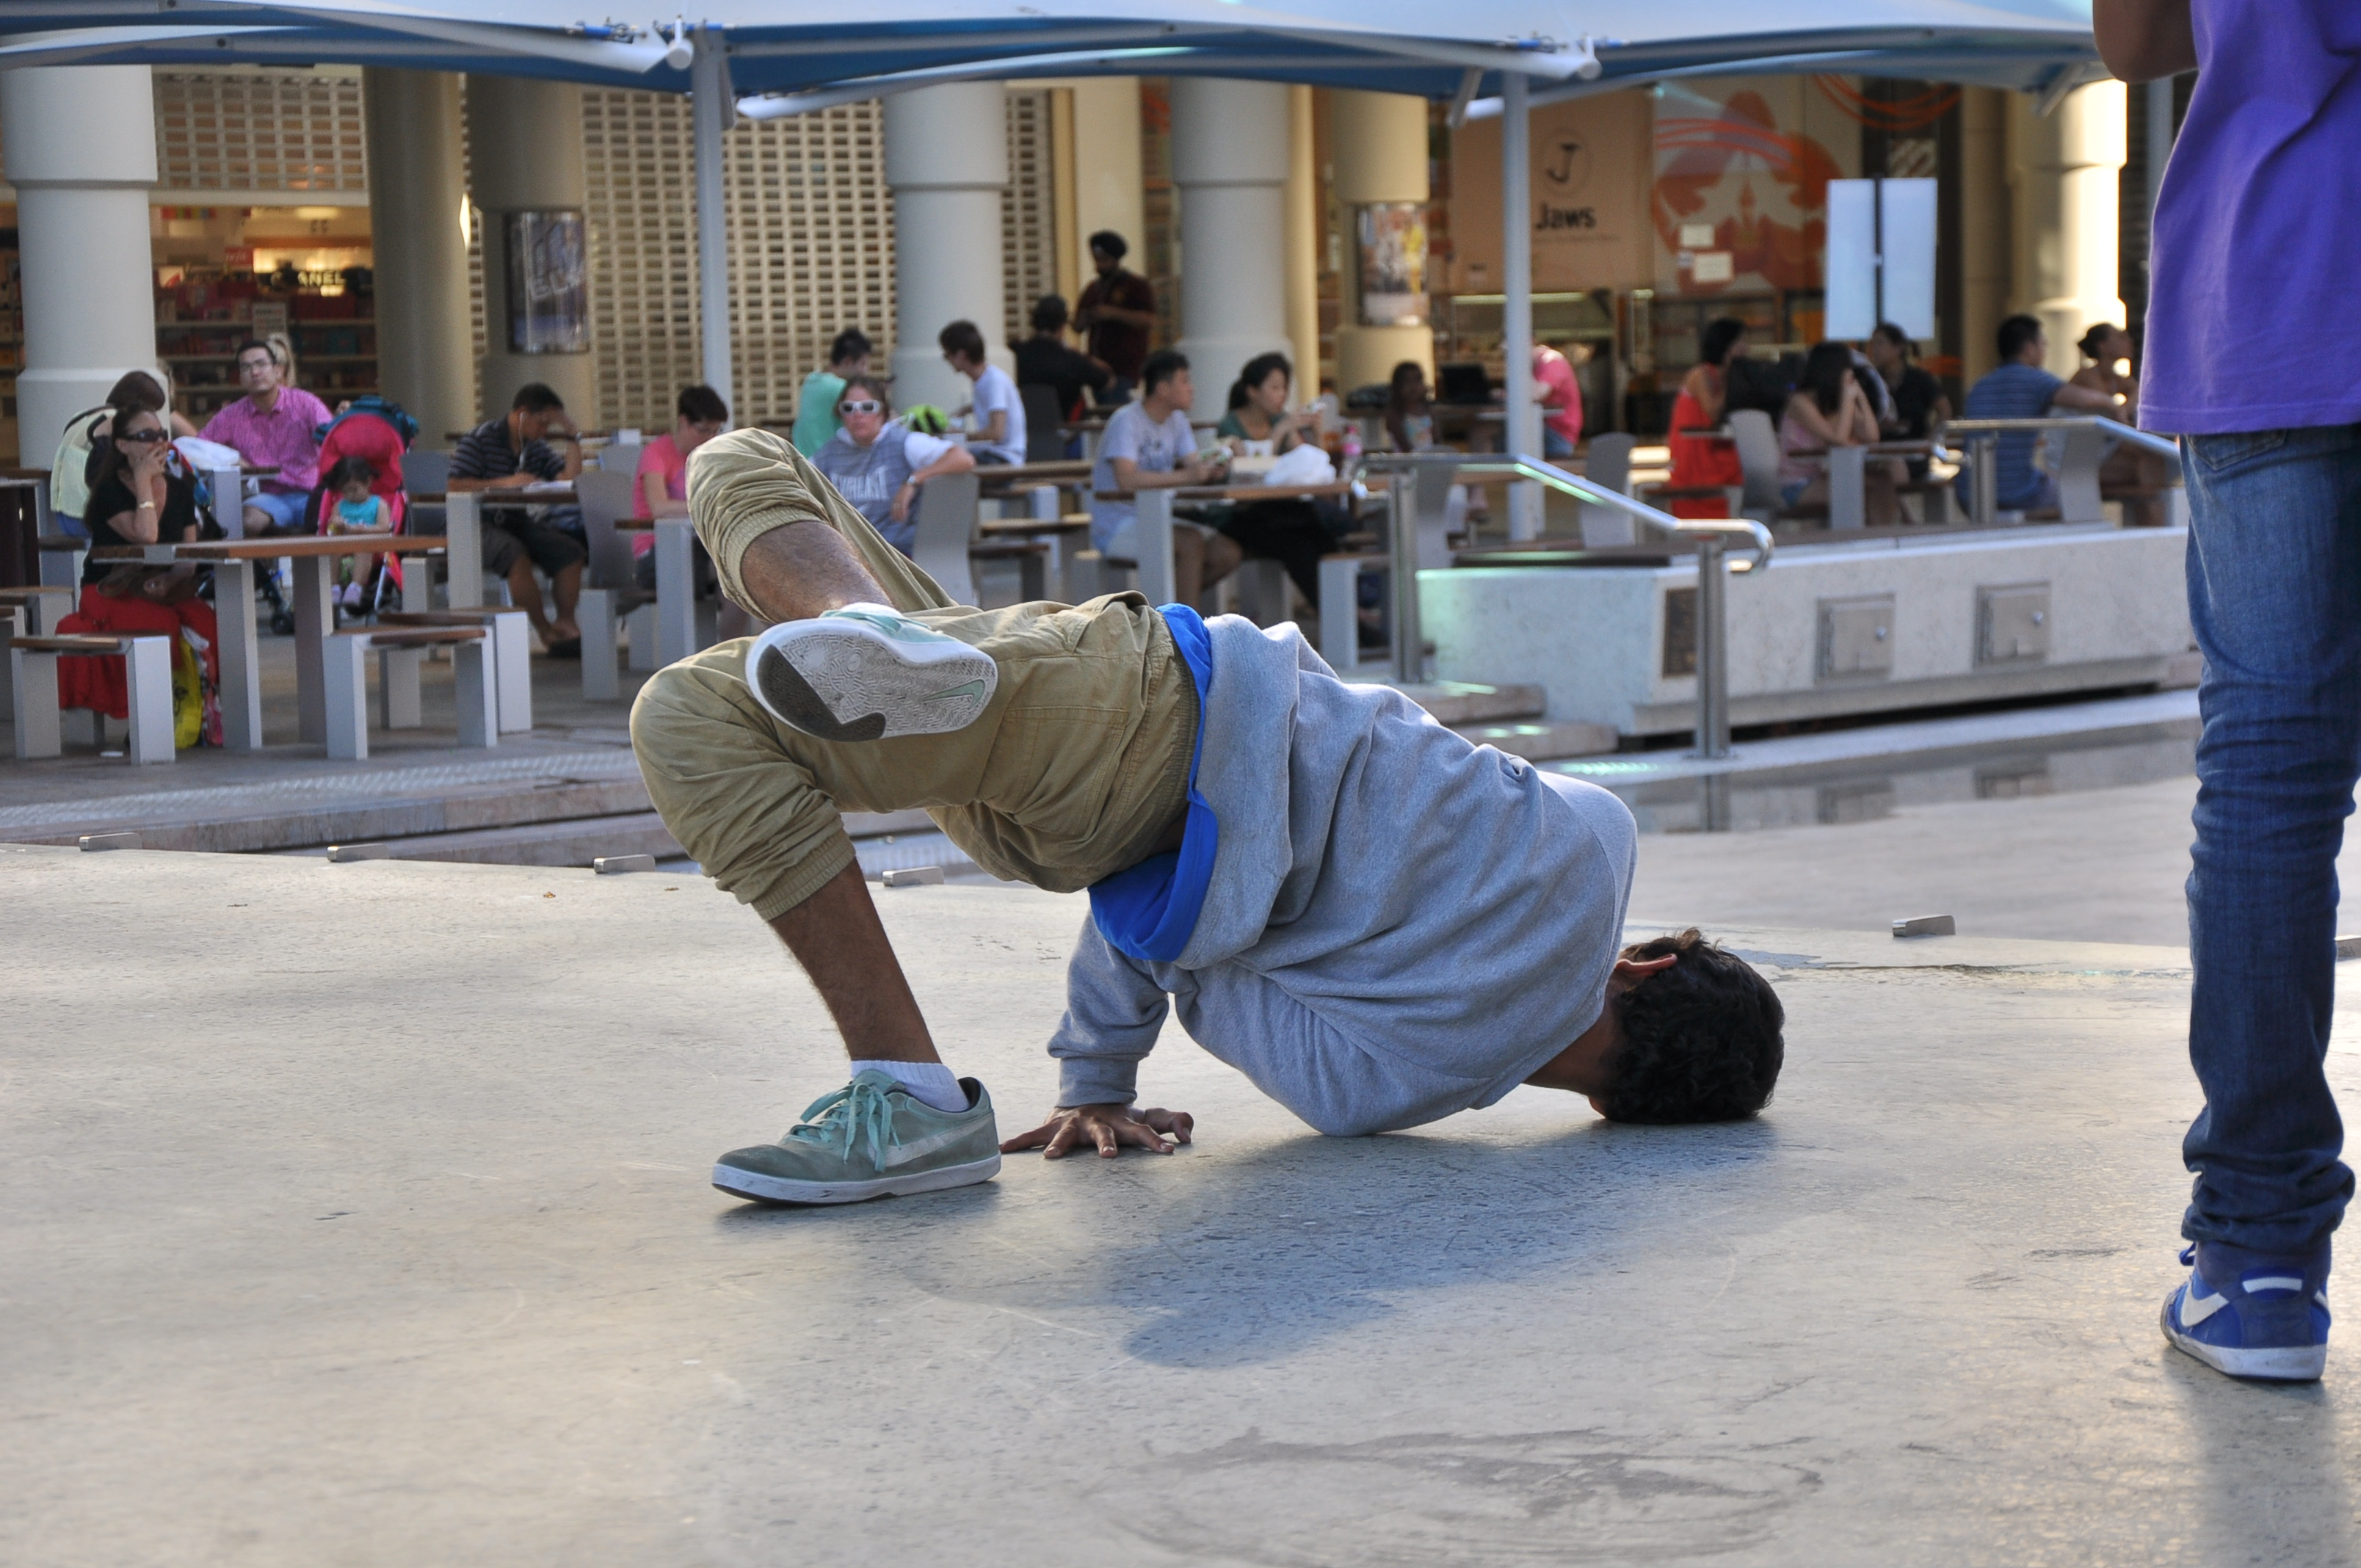 Breakdance-ul va deveni probă olimpică începând cu Jocurile Olimpice din 2024 de la Paris